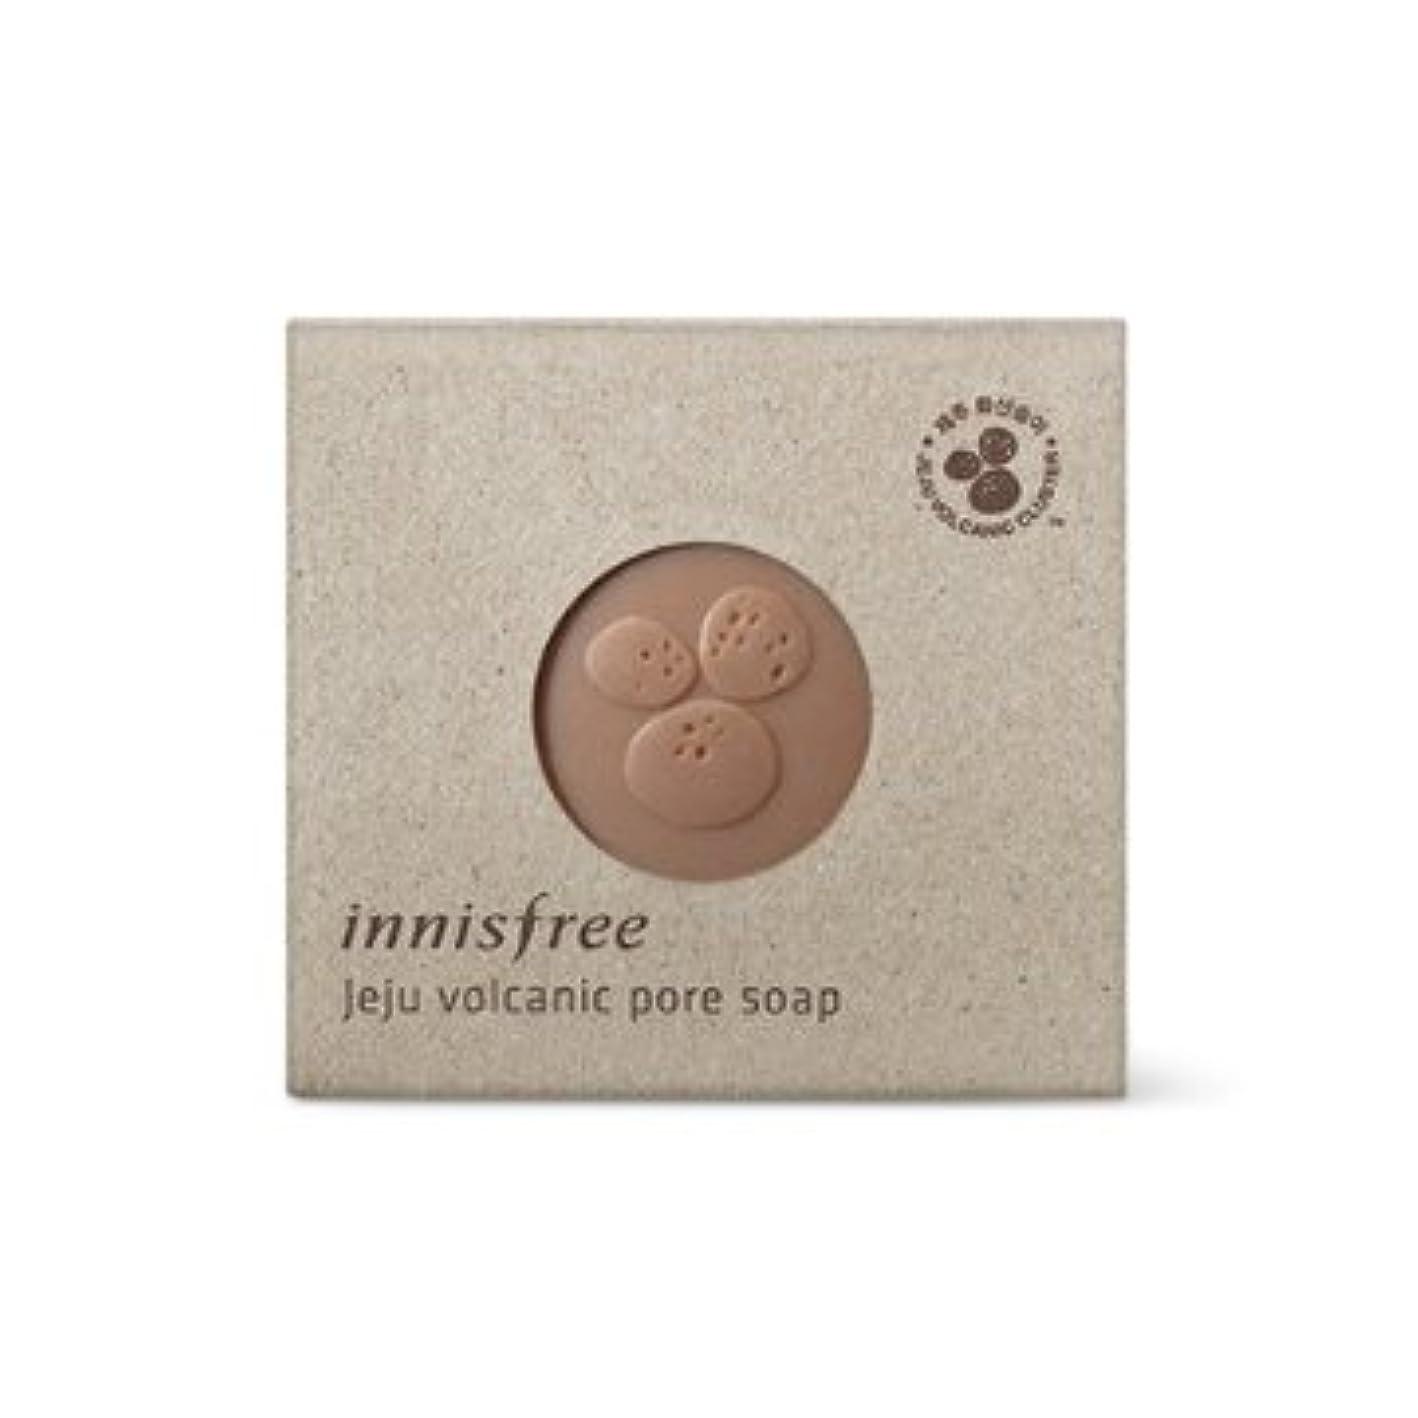 アッティカス広範囲メンダシティ【イニスフリー】Innisfree jeju volcanic pore soap - 100g (韓国直送品) (SHOPPINGINSTAGRAM)